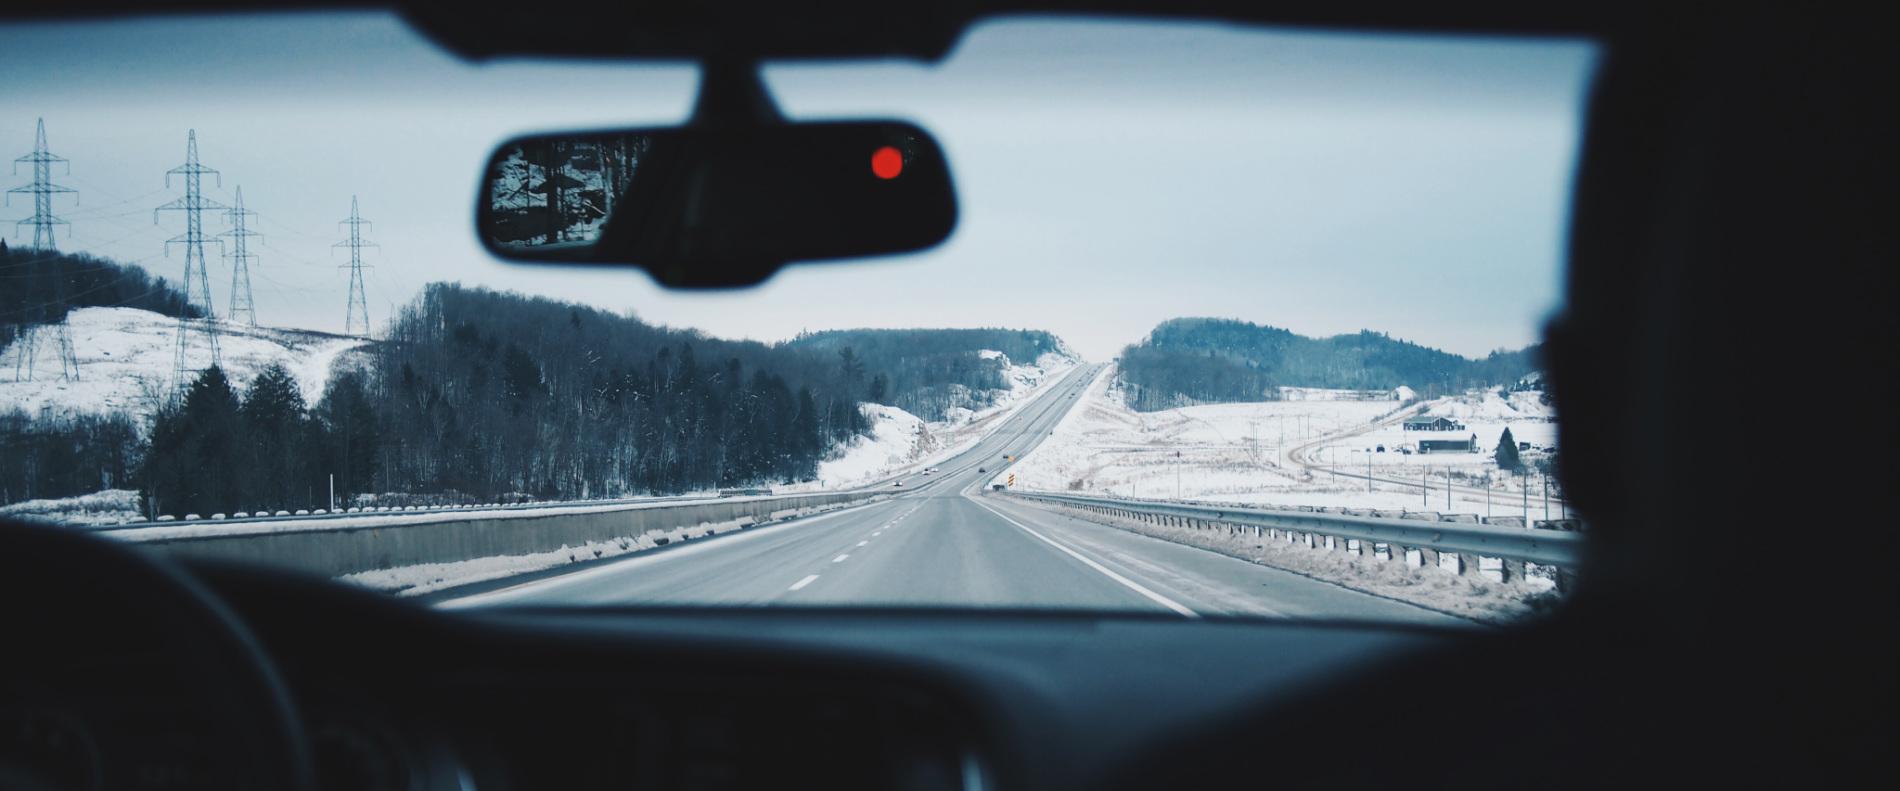 Safe Driving Assessment Test